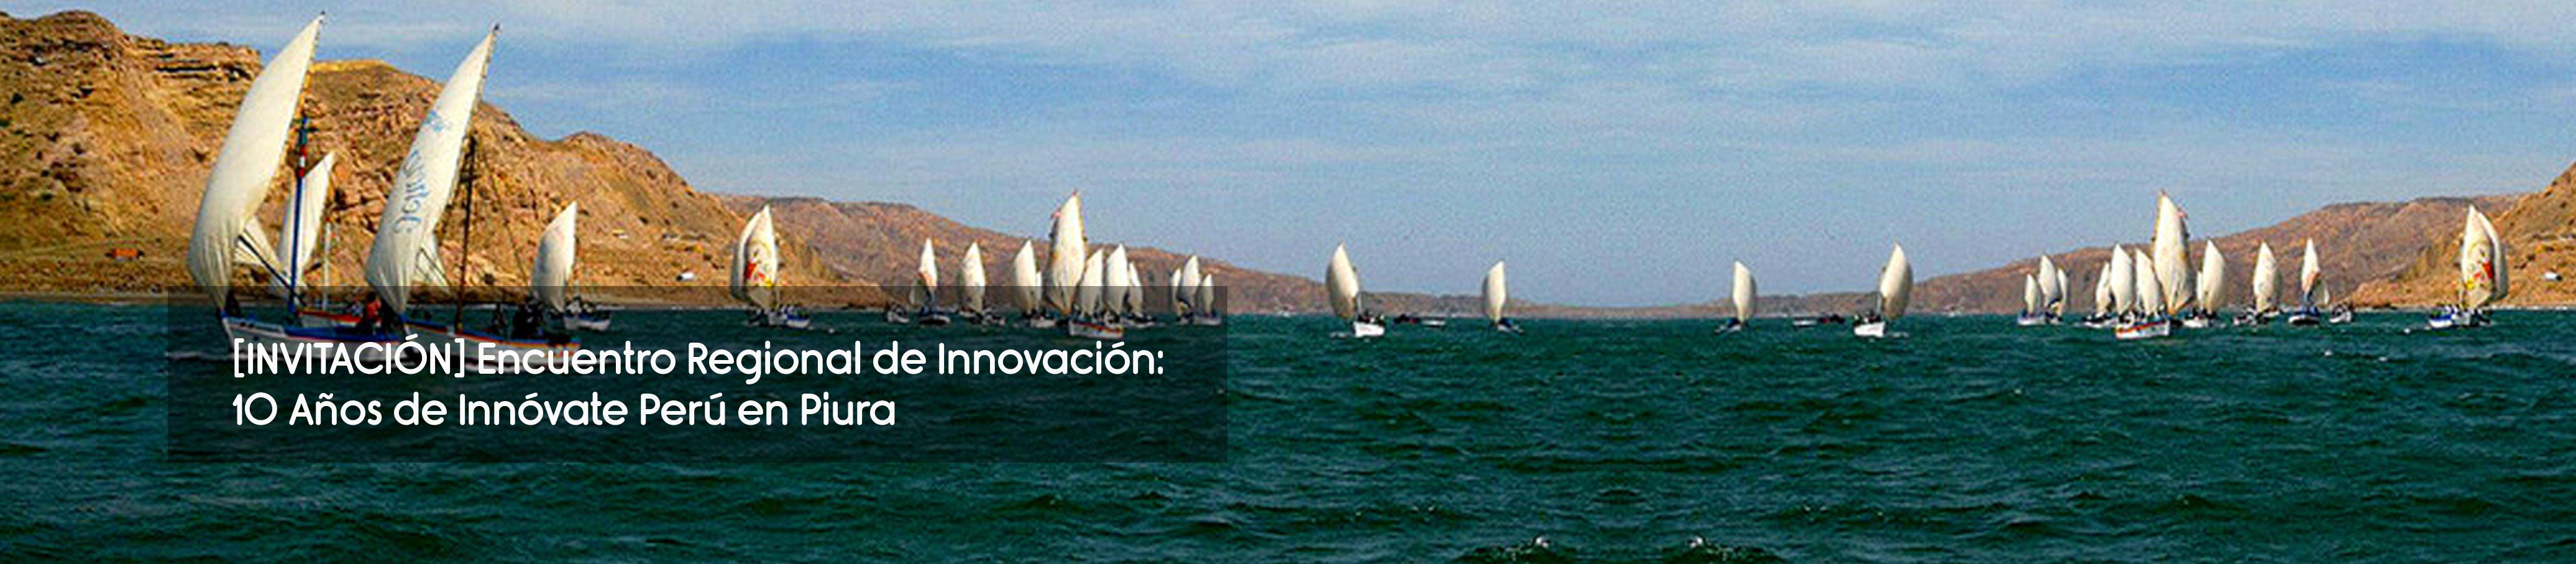 Encuentro Regional de Innovación:10 Años de Innóvate Perú en Piura